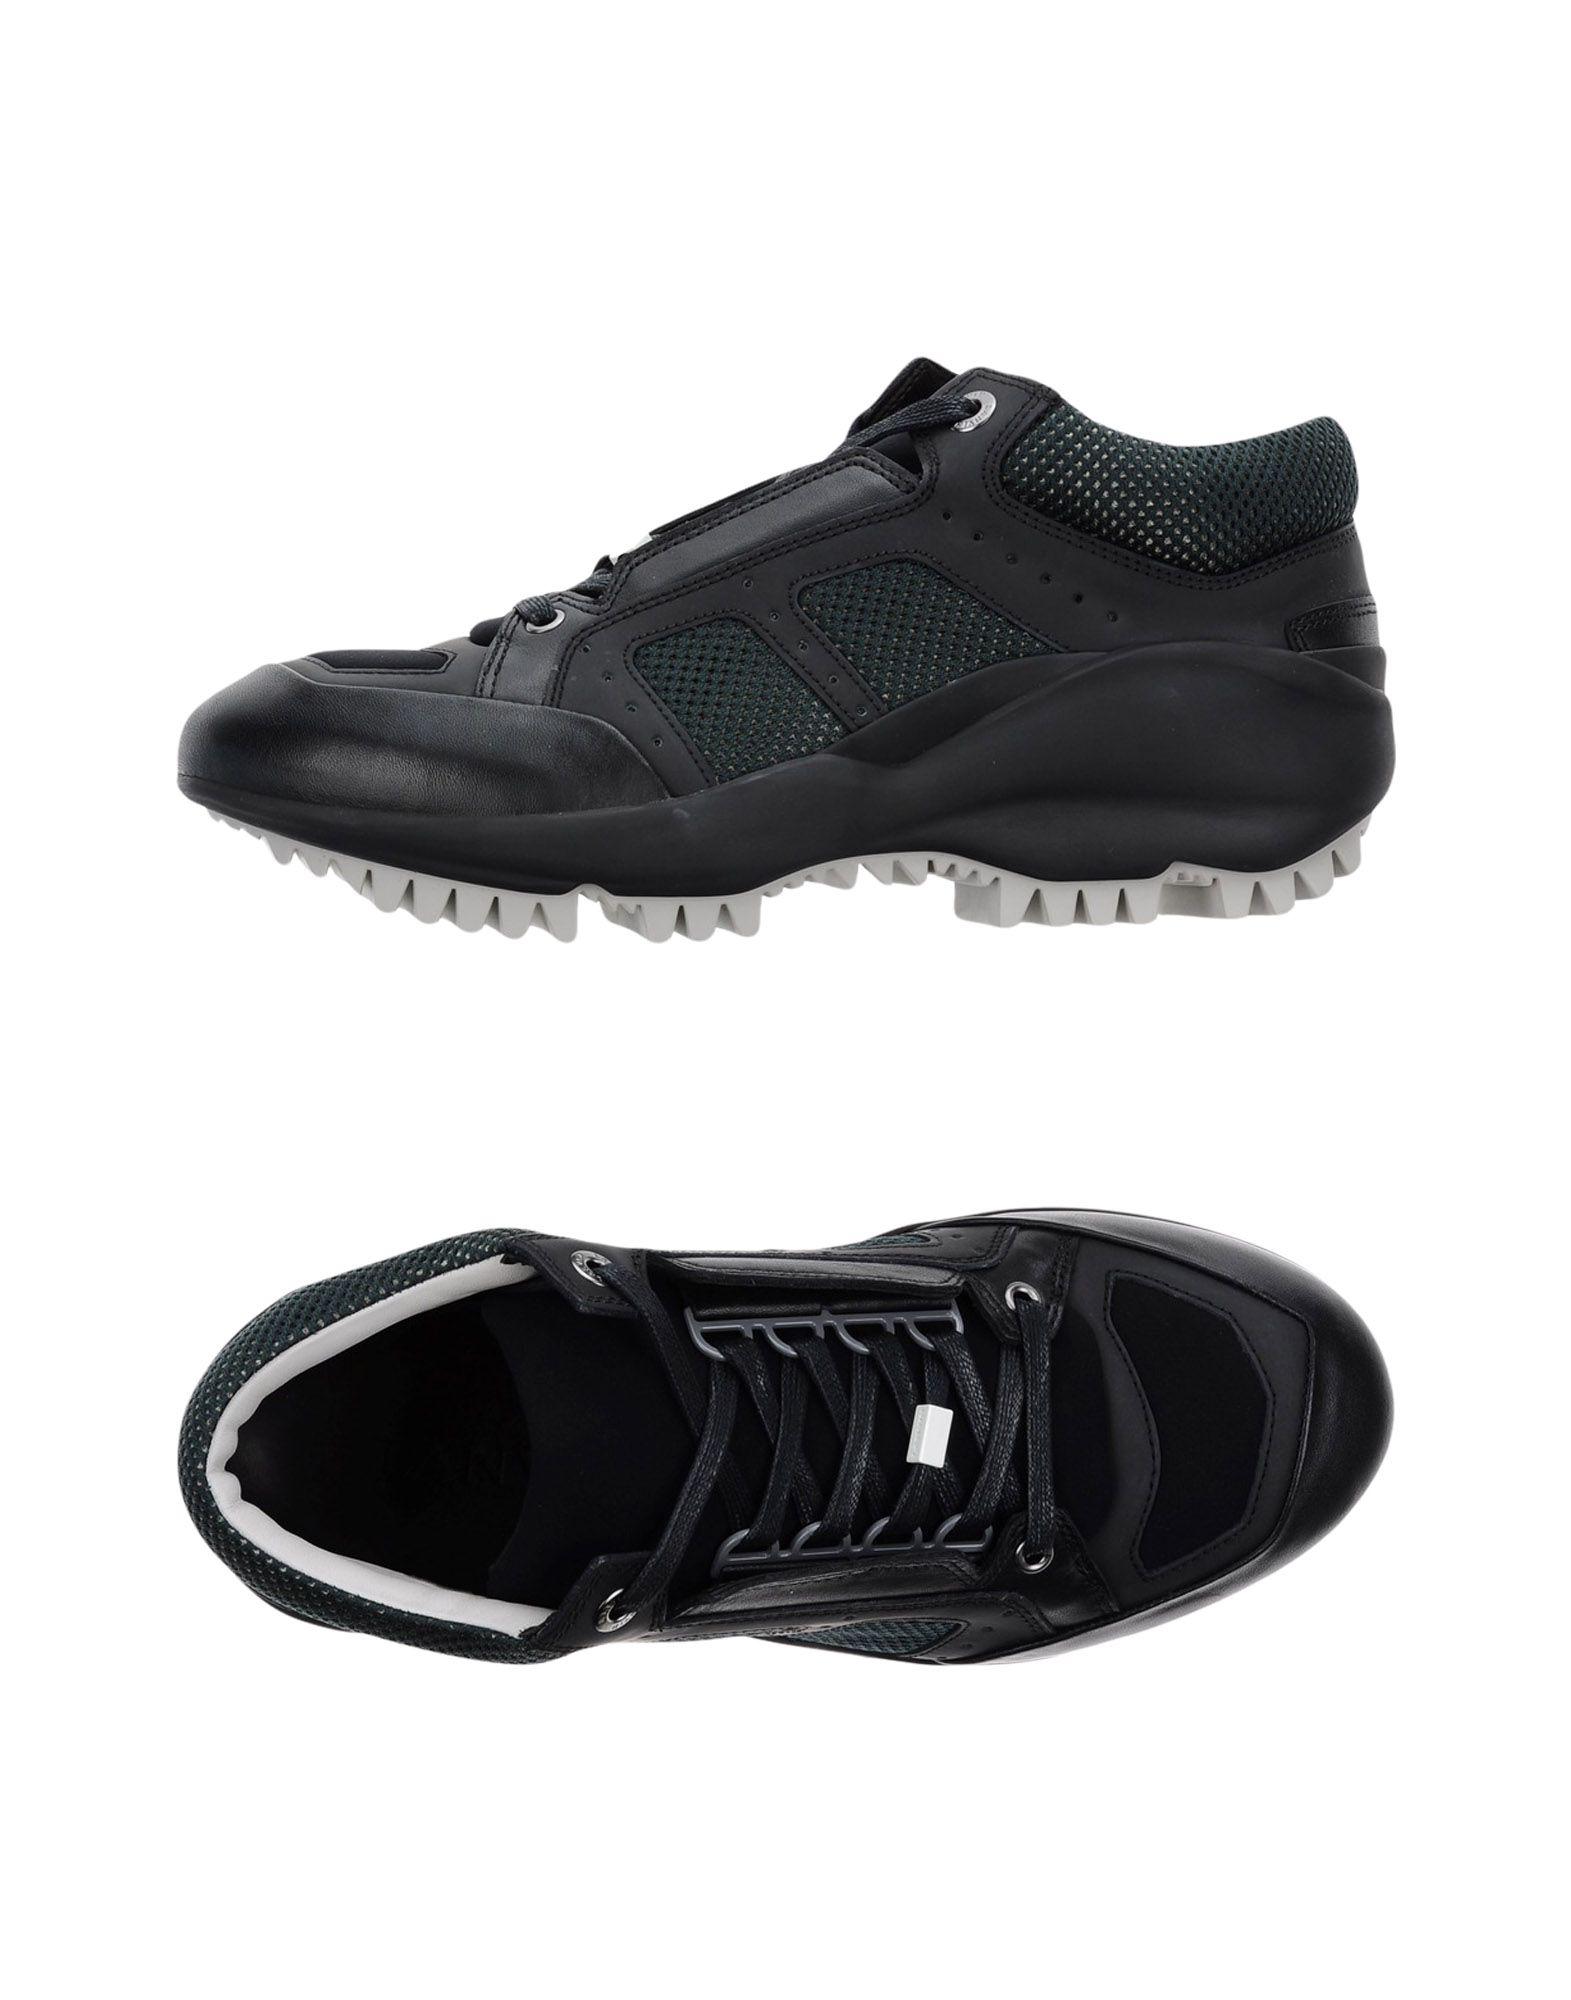 Lanvin Sneakers Herren  11290459VS Gute Qualität beliebte Schuhe